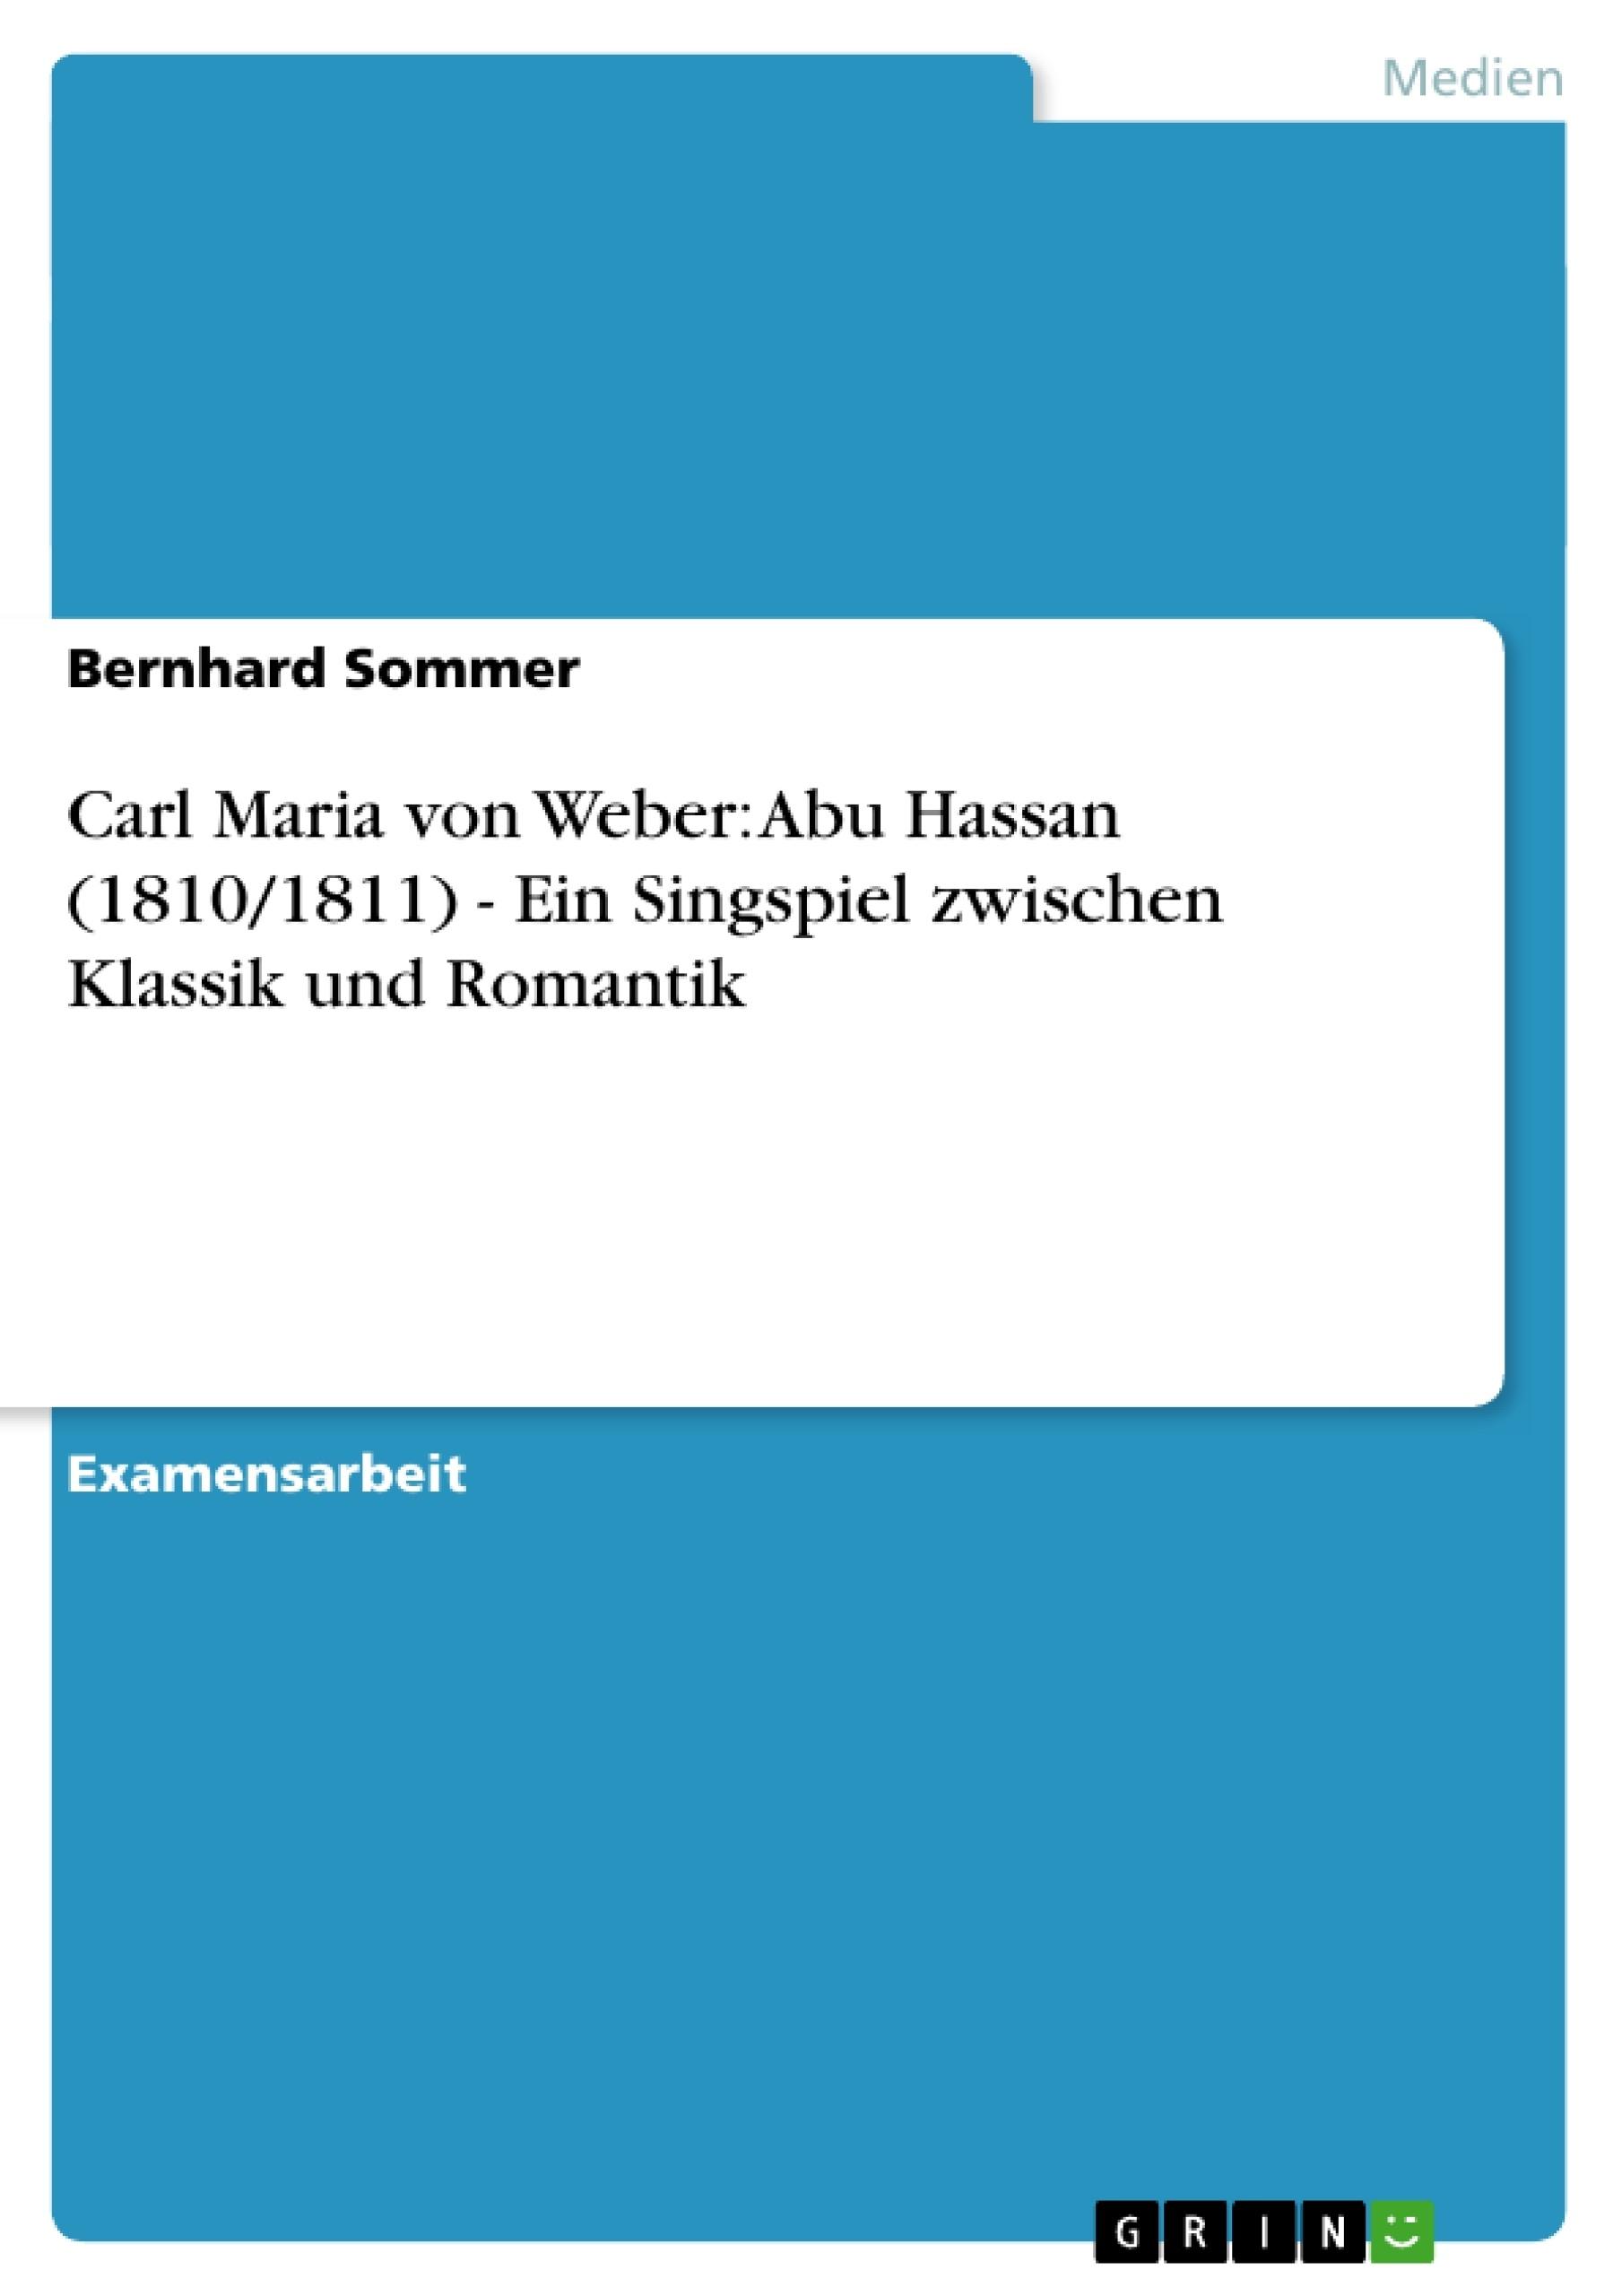 Titel: Carl Maria von Weber: Abu Hassan (1810/1811) - Ein Singspiel zwischen Klassik und Romantik